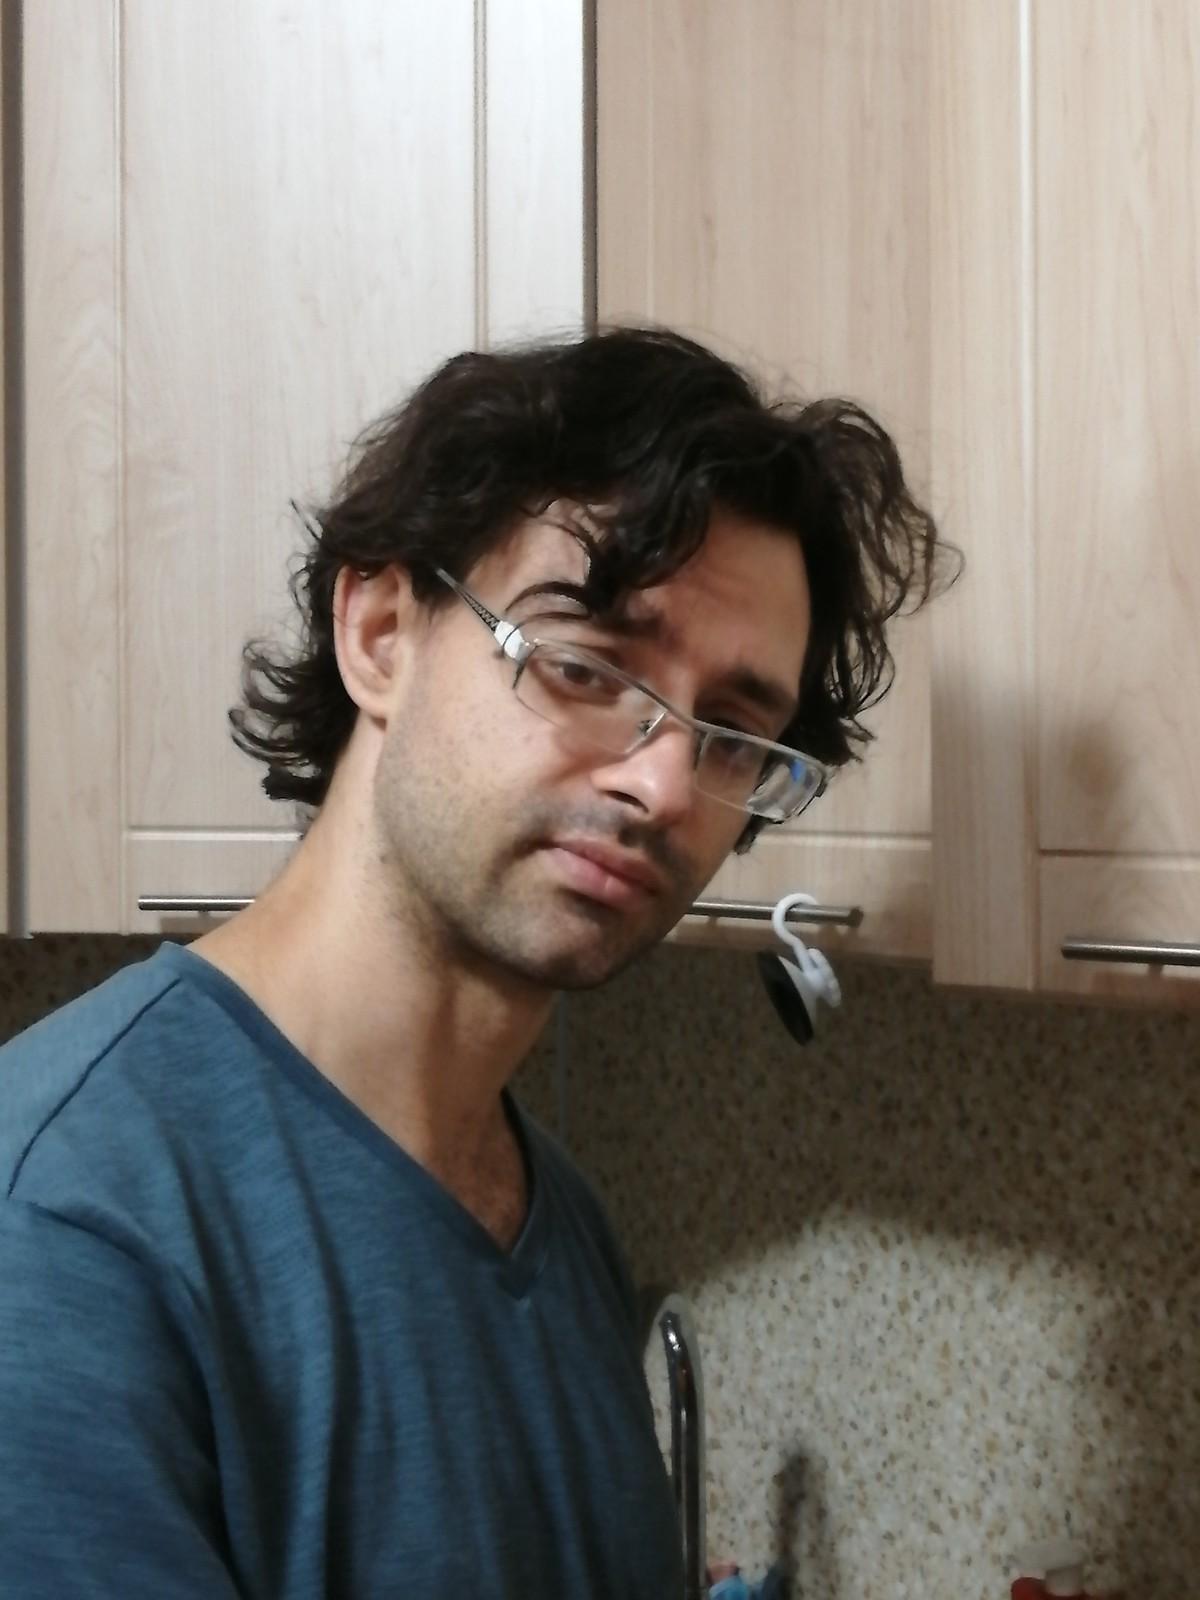 Один будний день журналиста и писателя в коммуне, Санкт-Петербург, фото 20